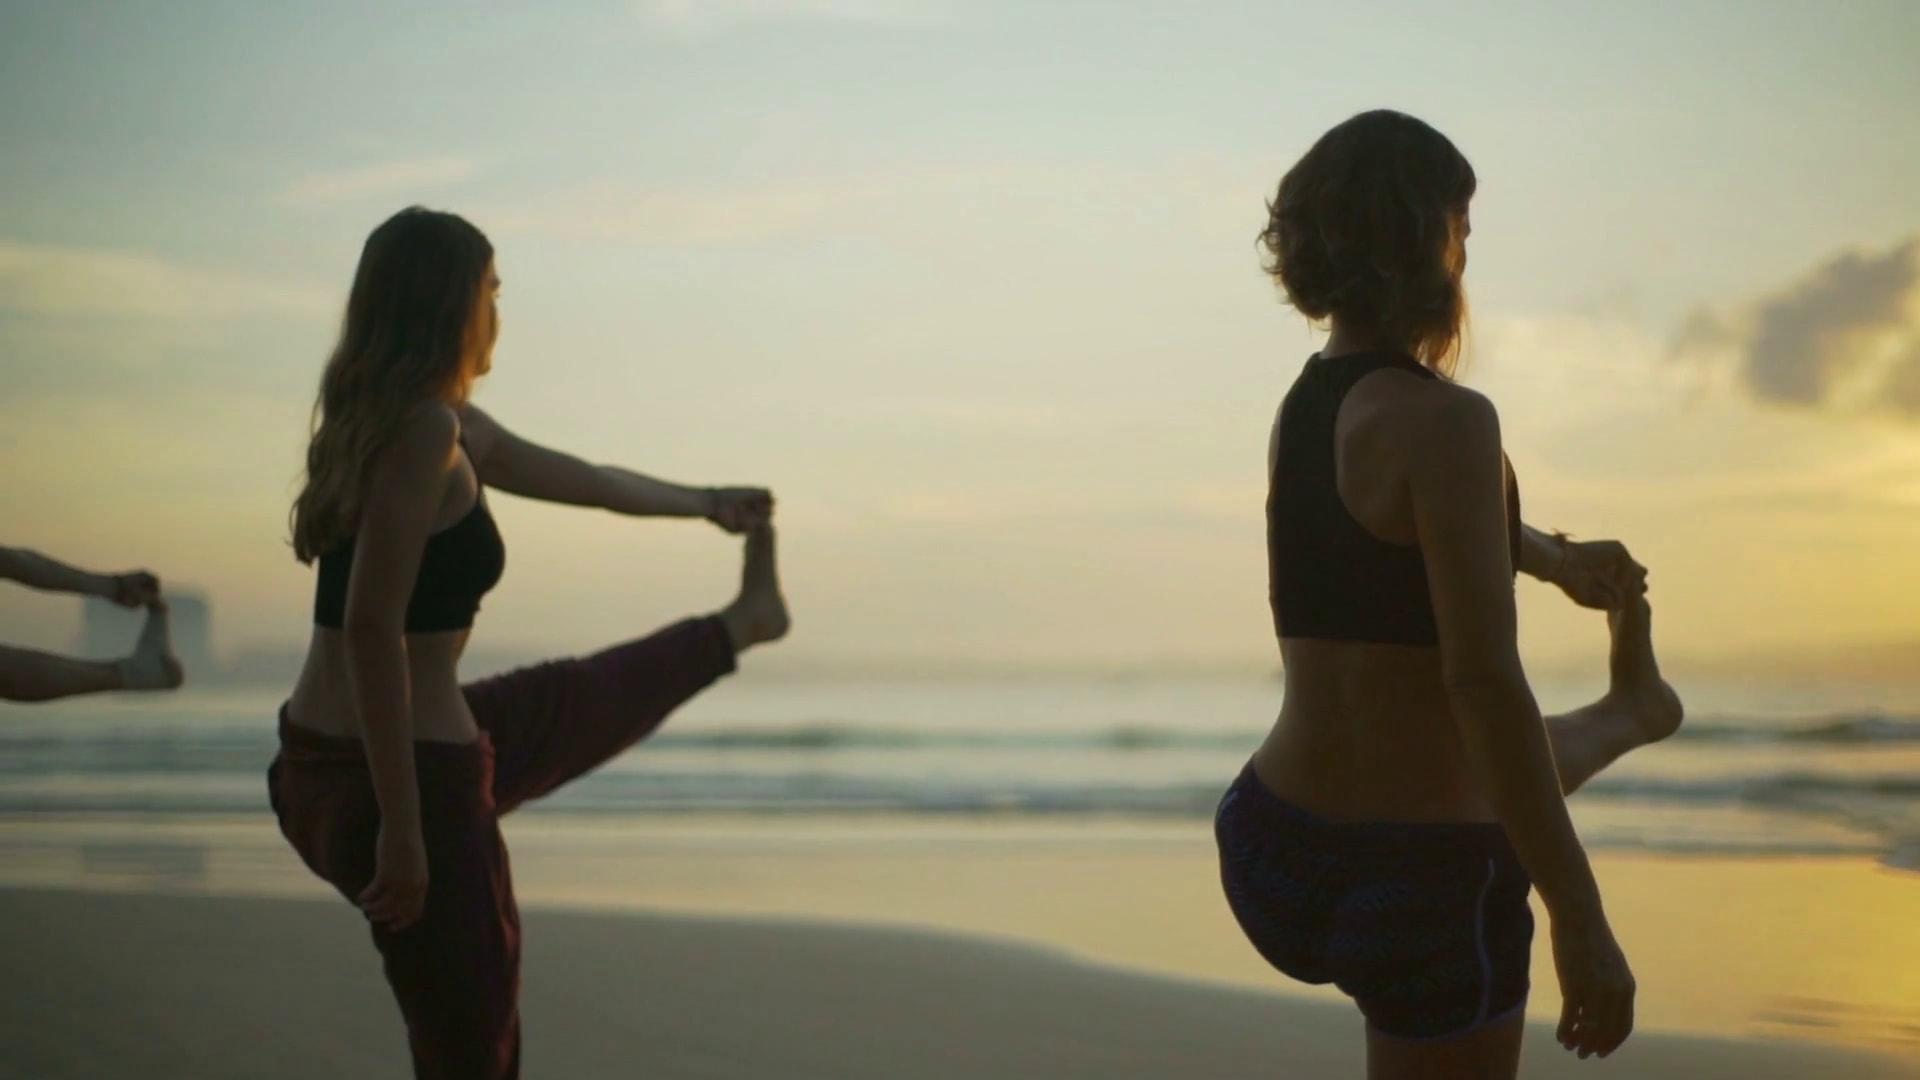 các tư thế cần chuẩn bị trước khi thực hiện yoga xoạc chân